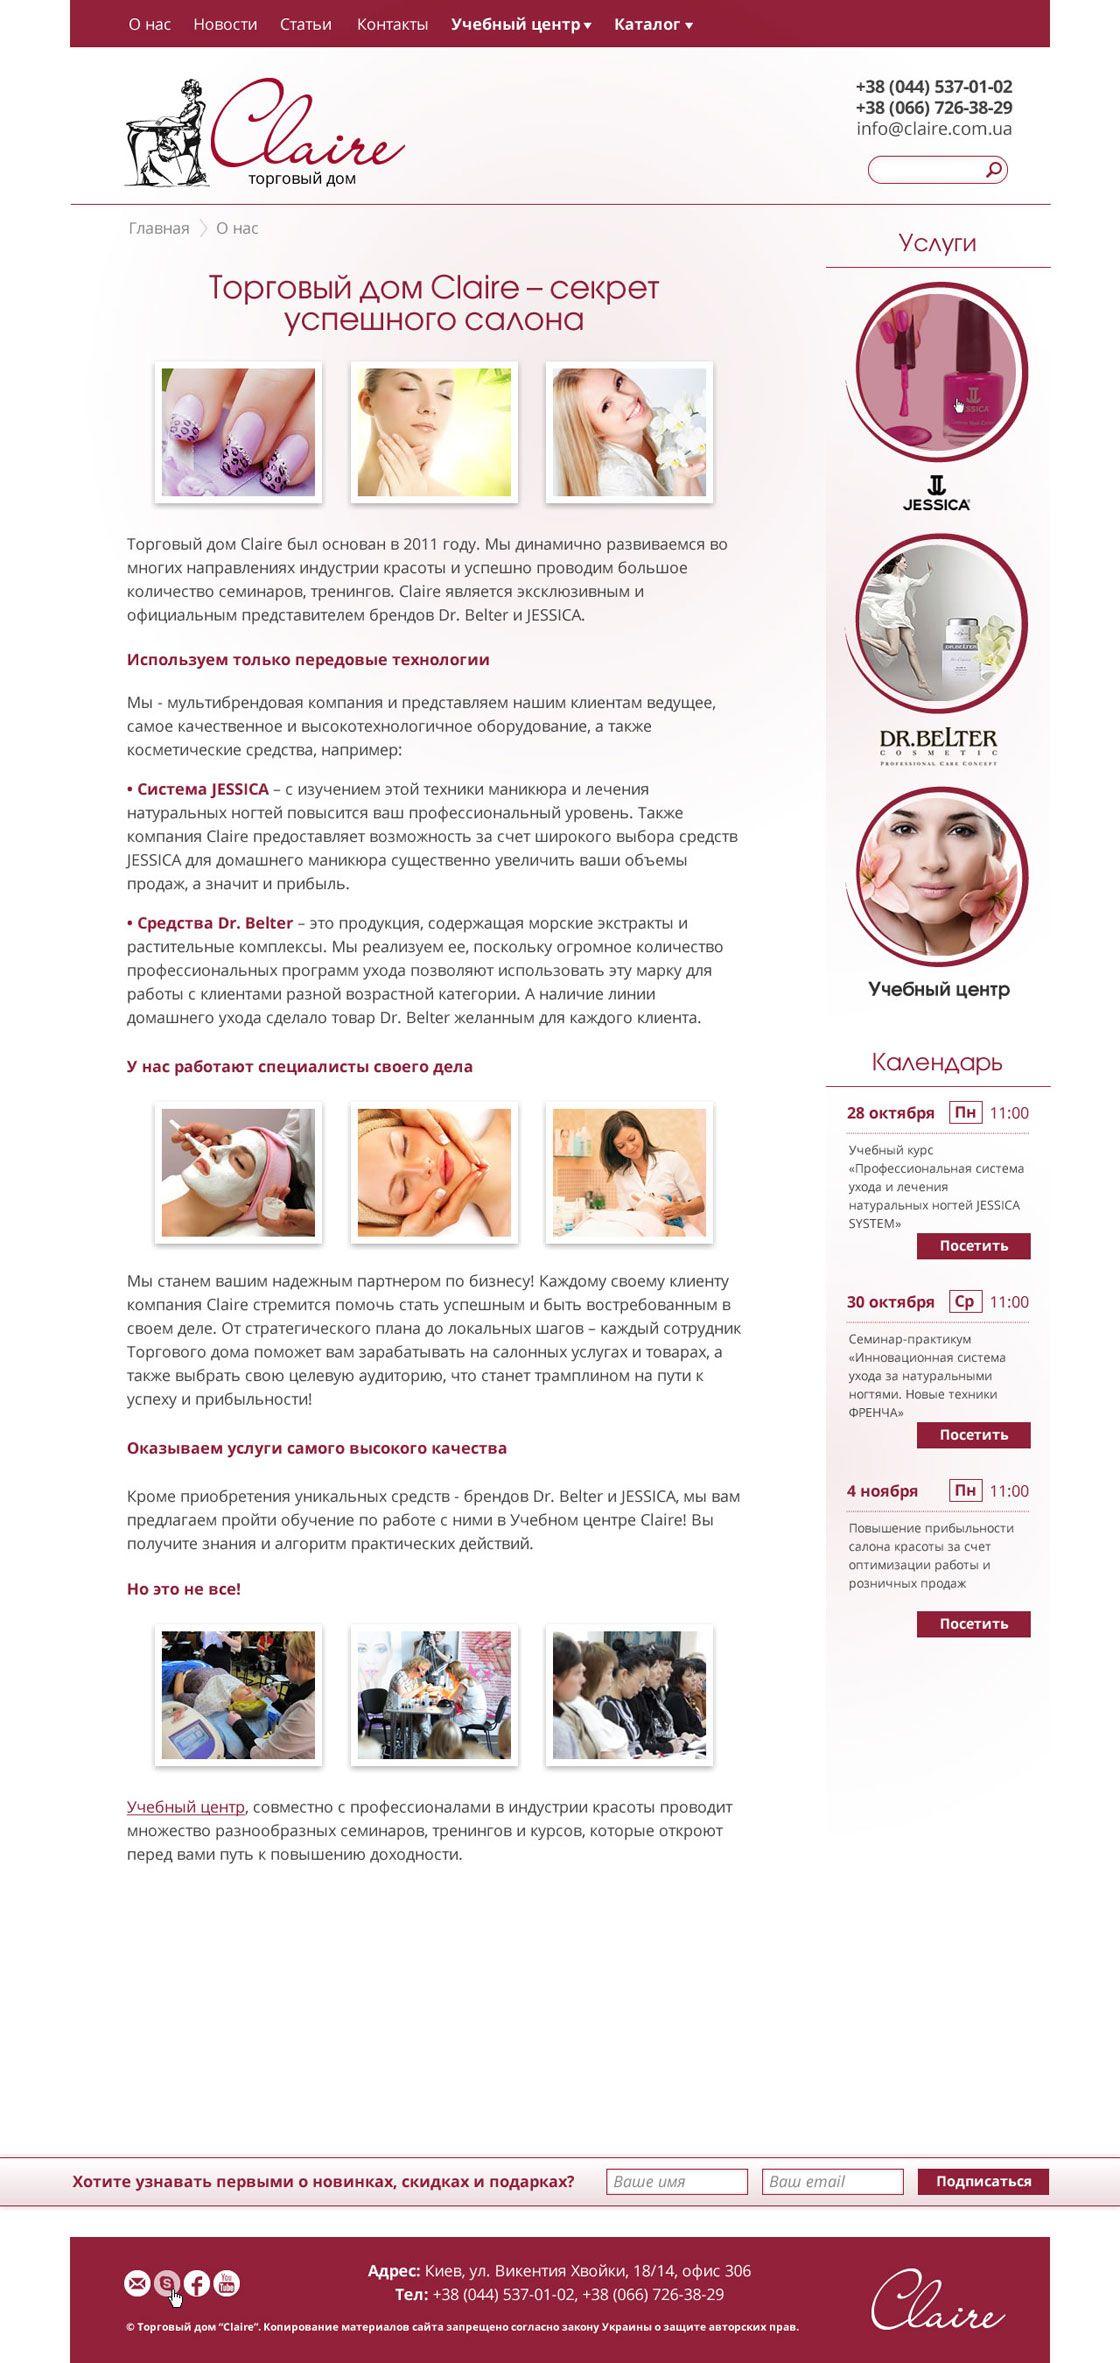 Дизайн инфо-страницы Claire